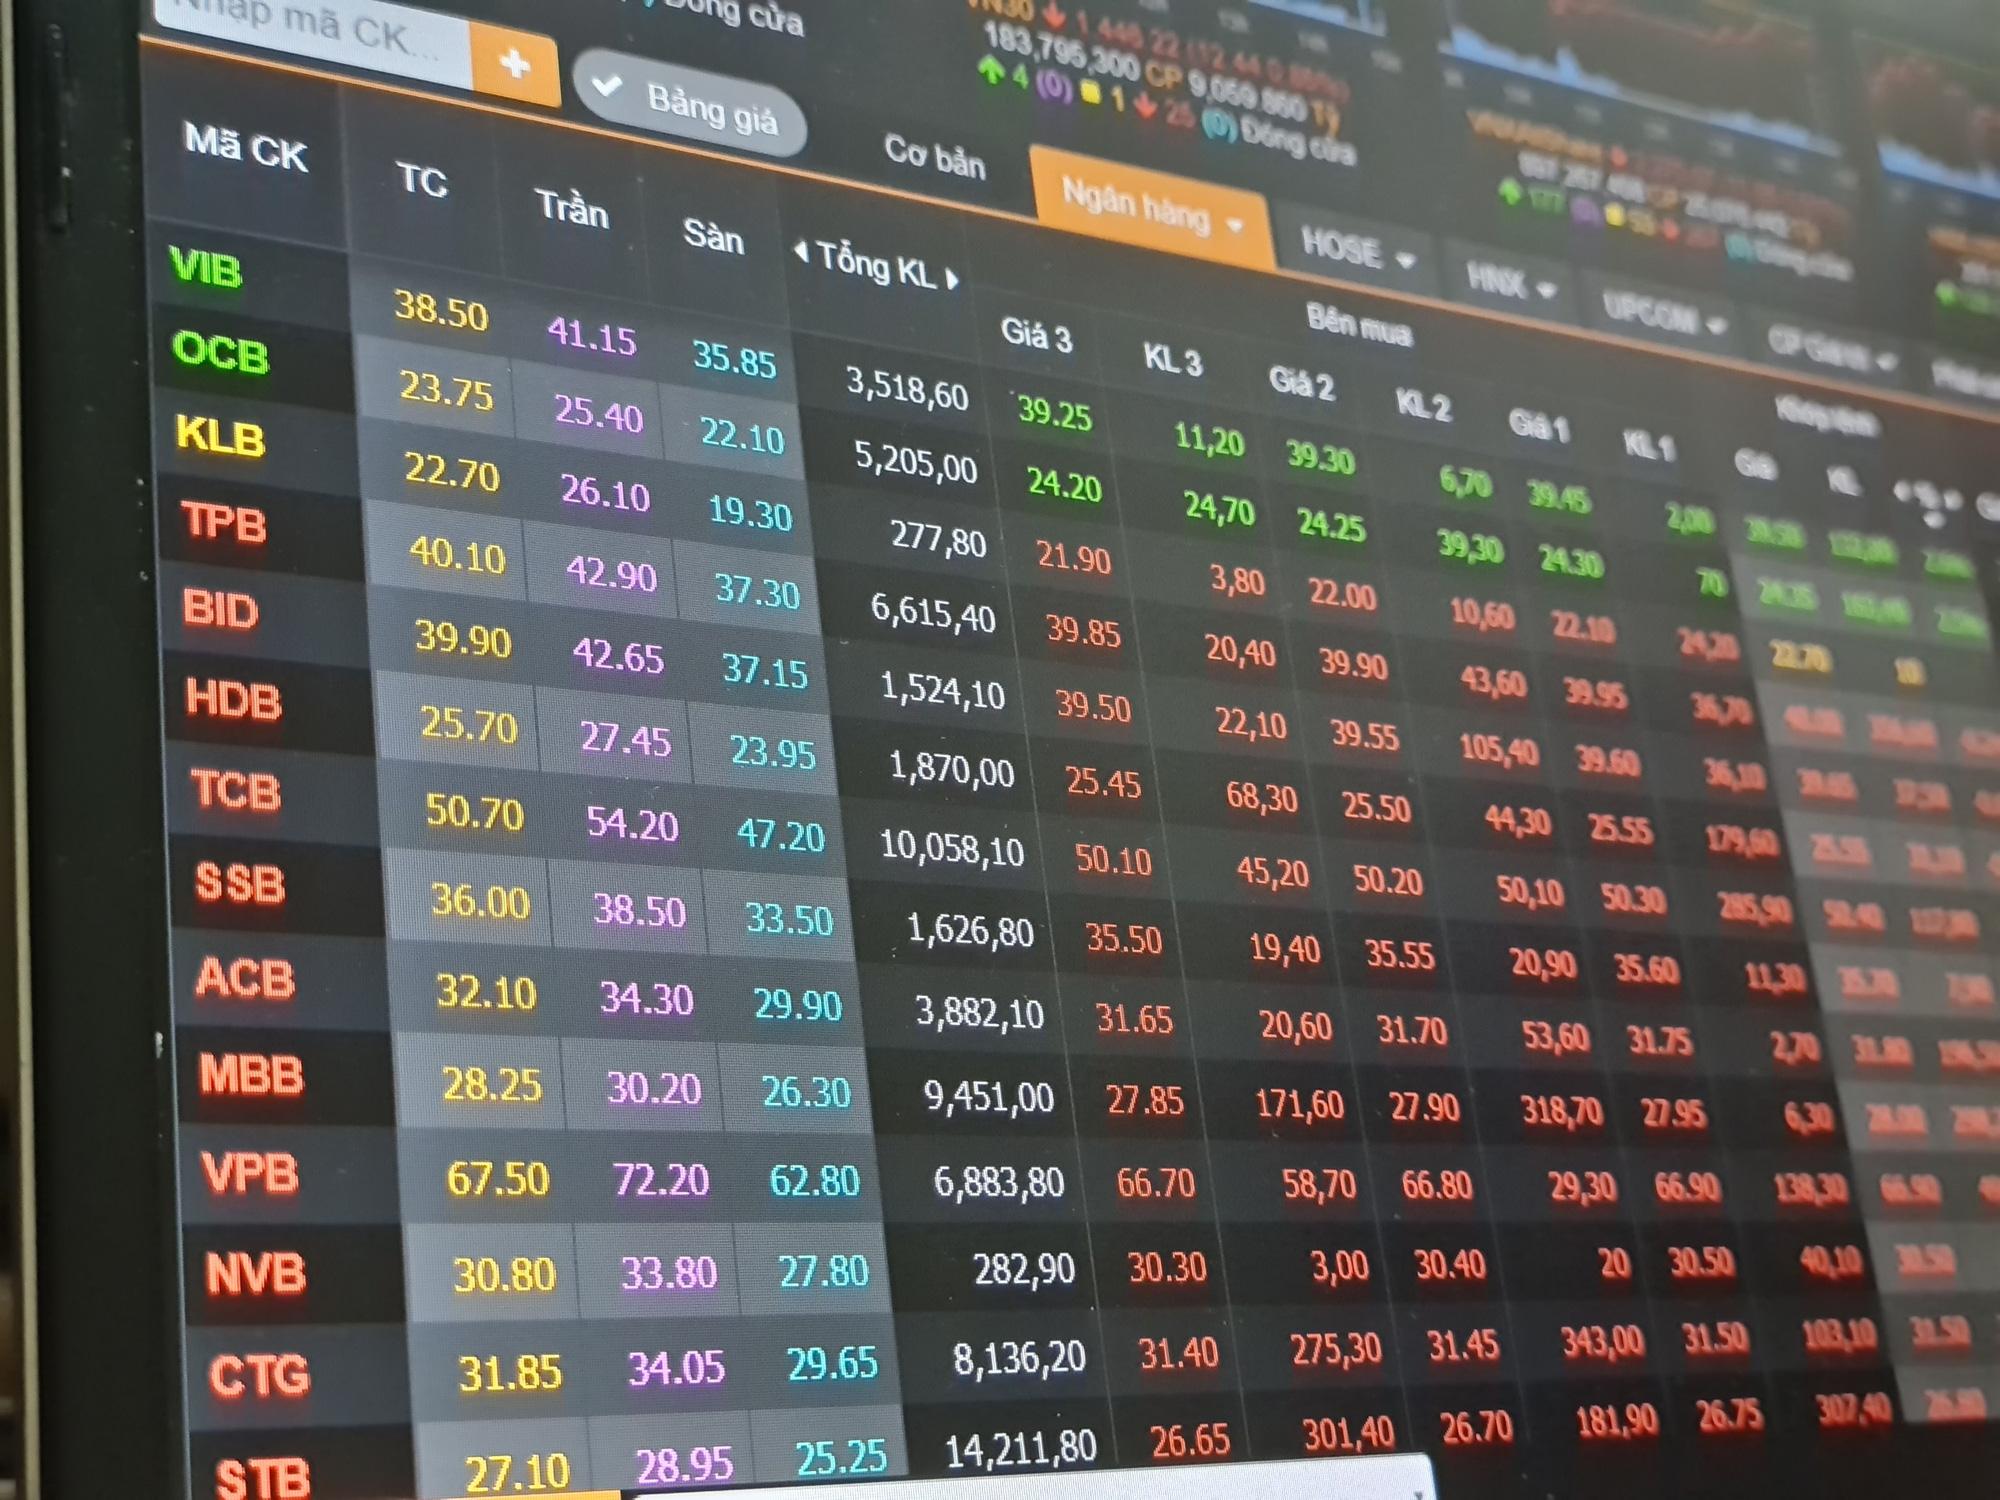 Hàng tỷ cổ phiếu ngân hàng sắp đổ bộ lên sàn chứng khoán - Ảnh 1.